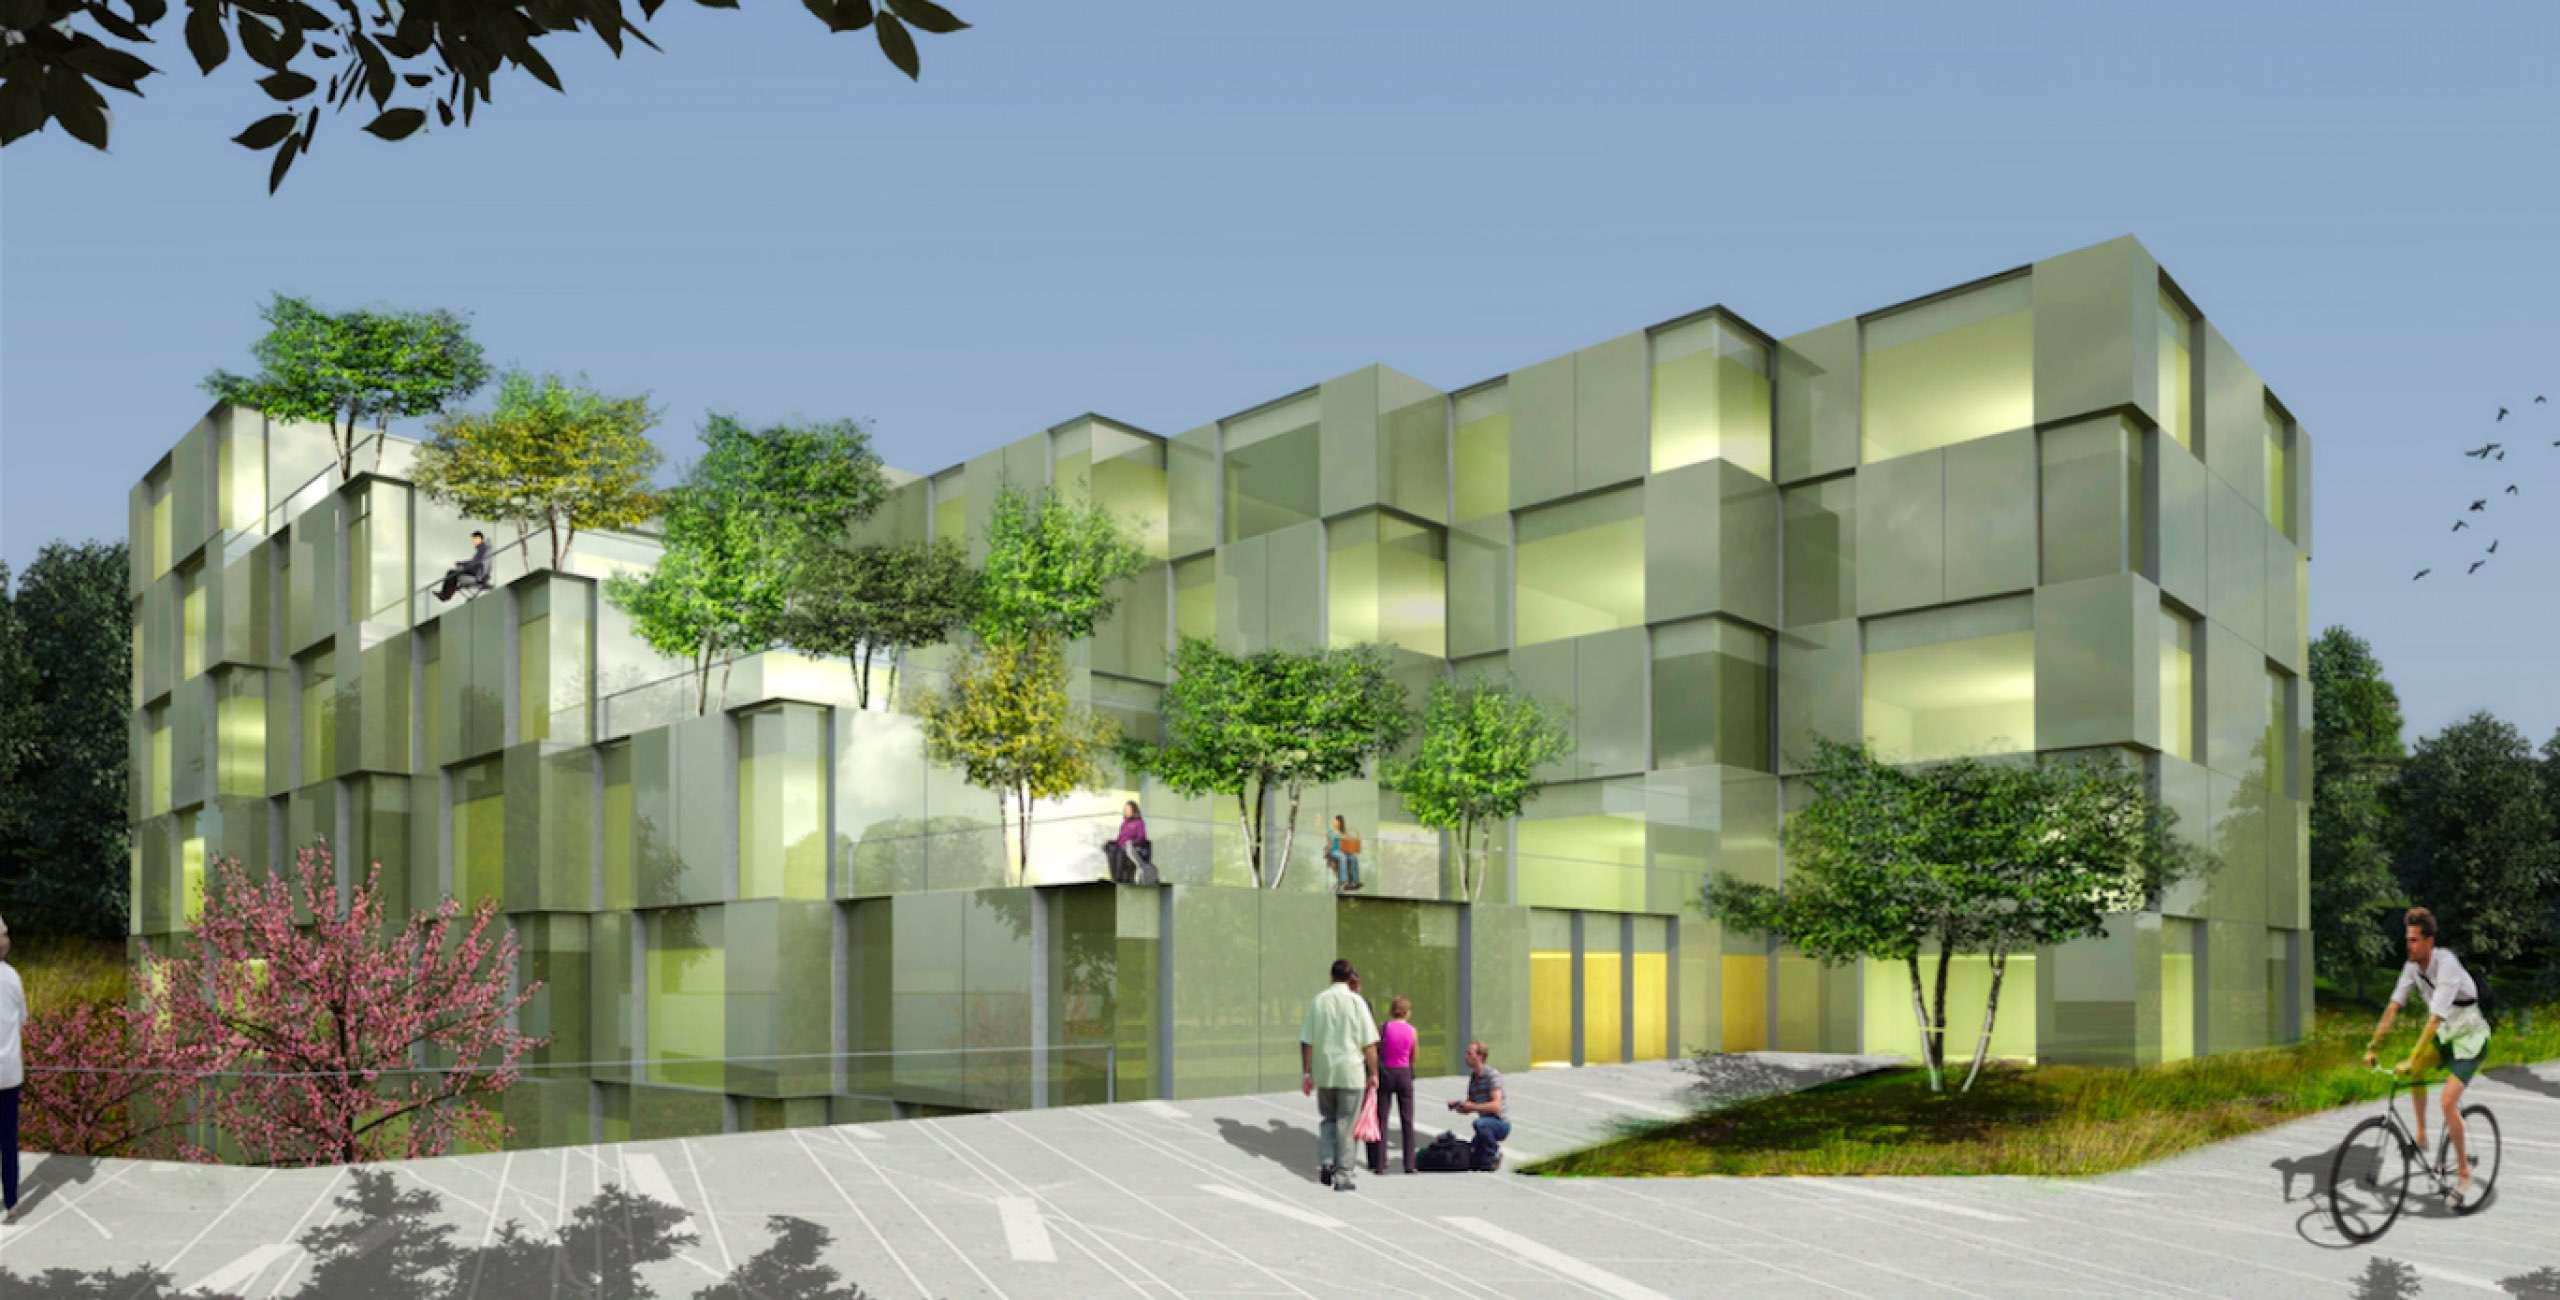 Design: DoepelStrijkers, Rotterdam